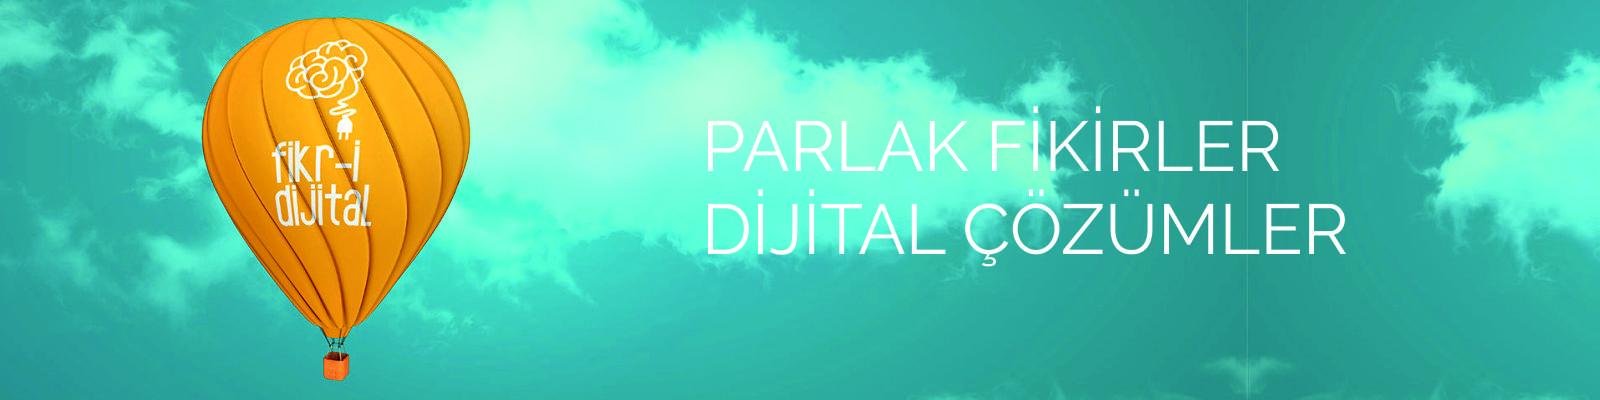 Fikr-i Dijital banner fotograf